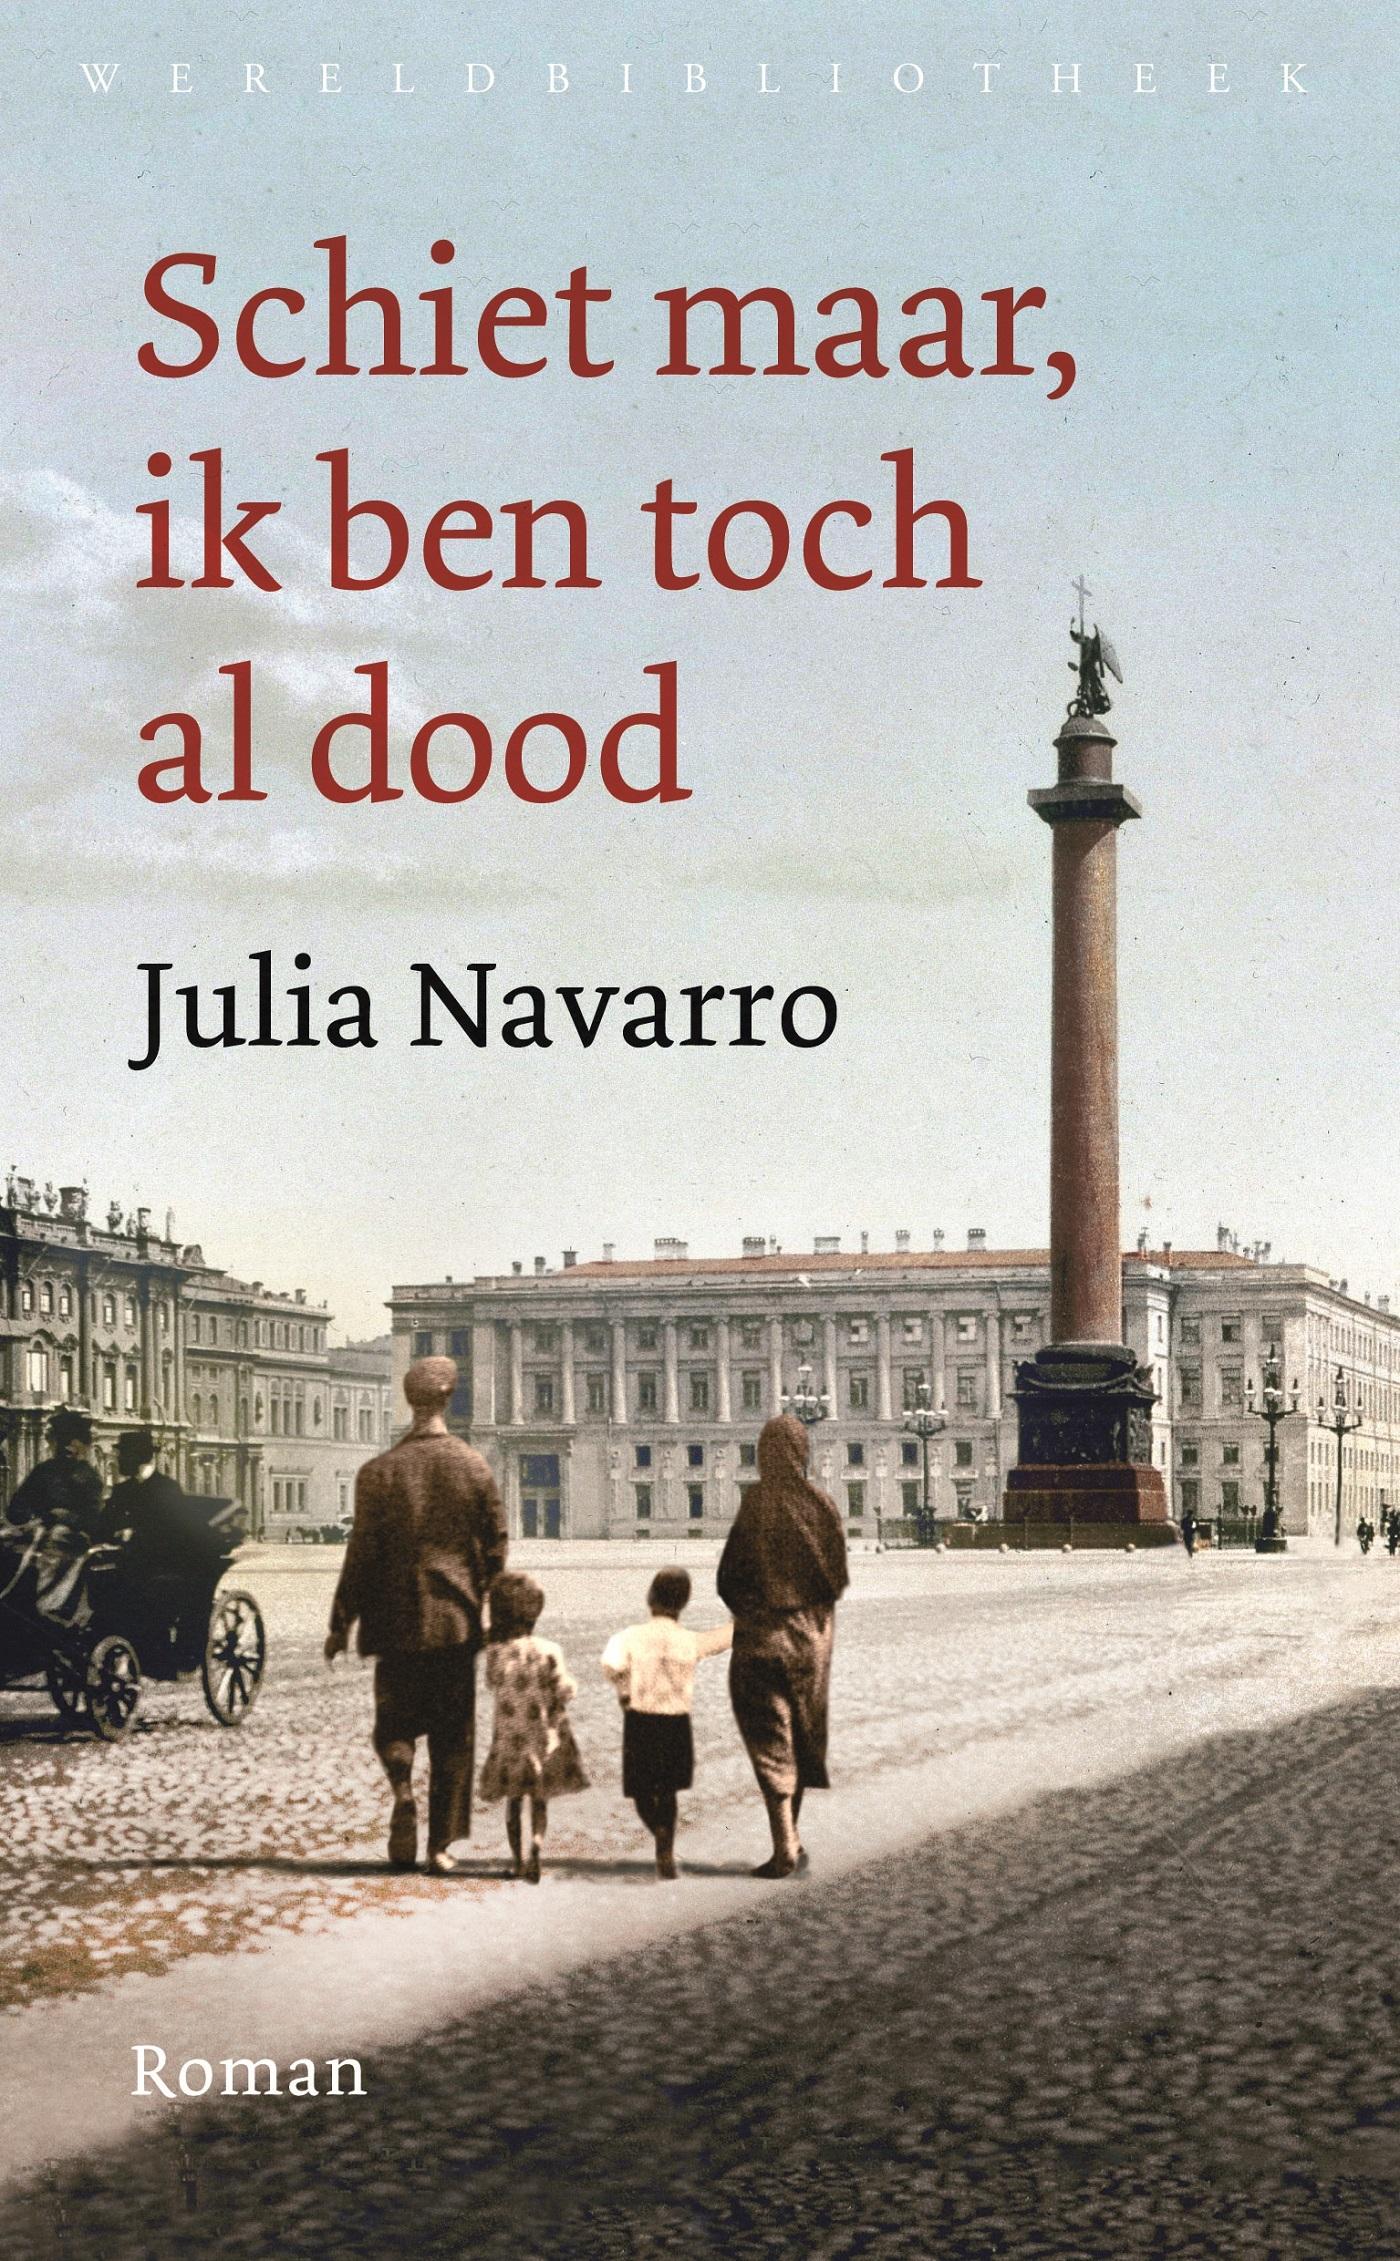 Schiet maar, ik ben toch al dood – Julia Navarro